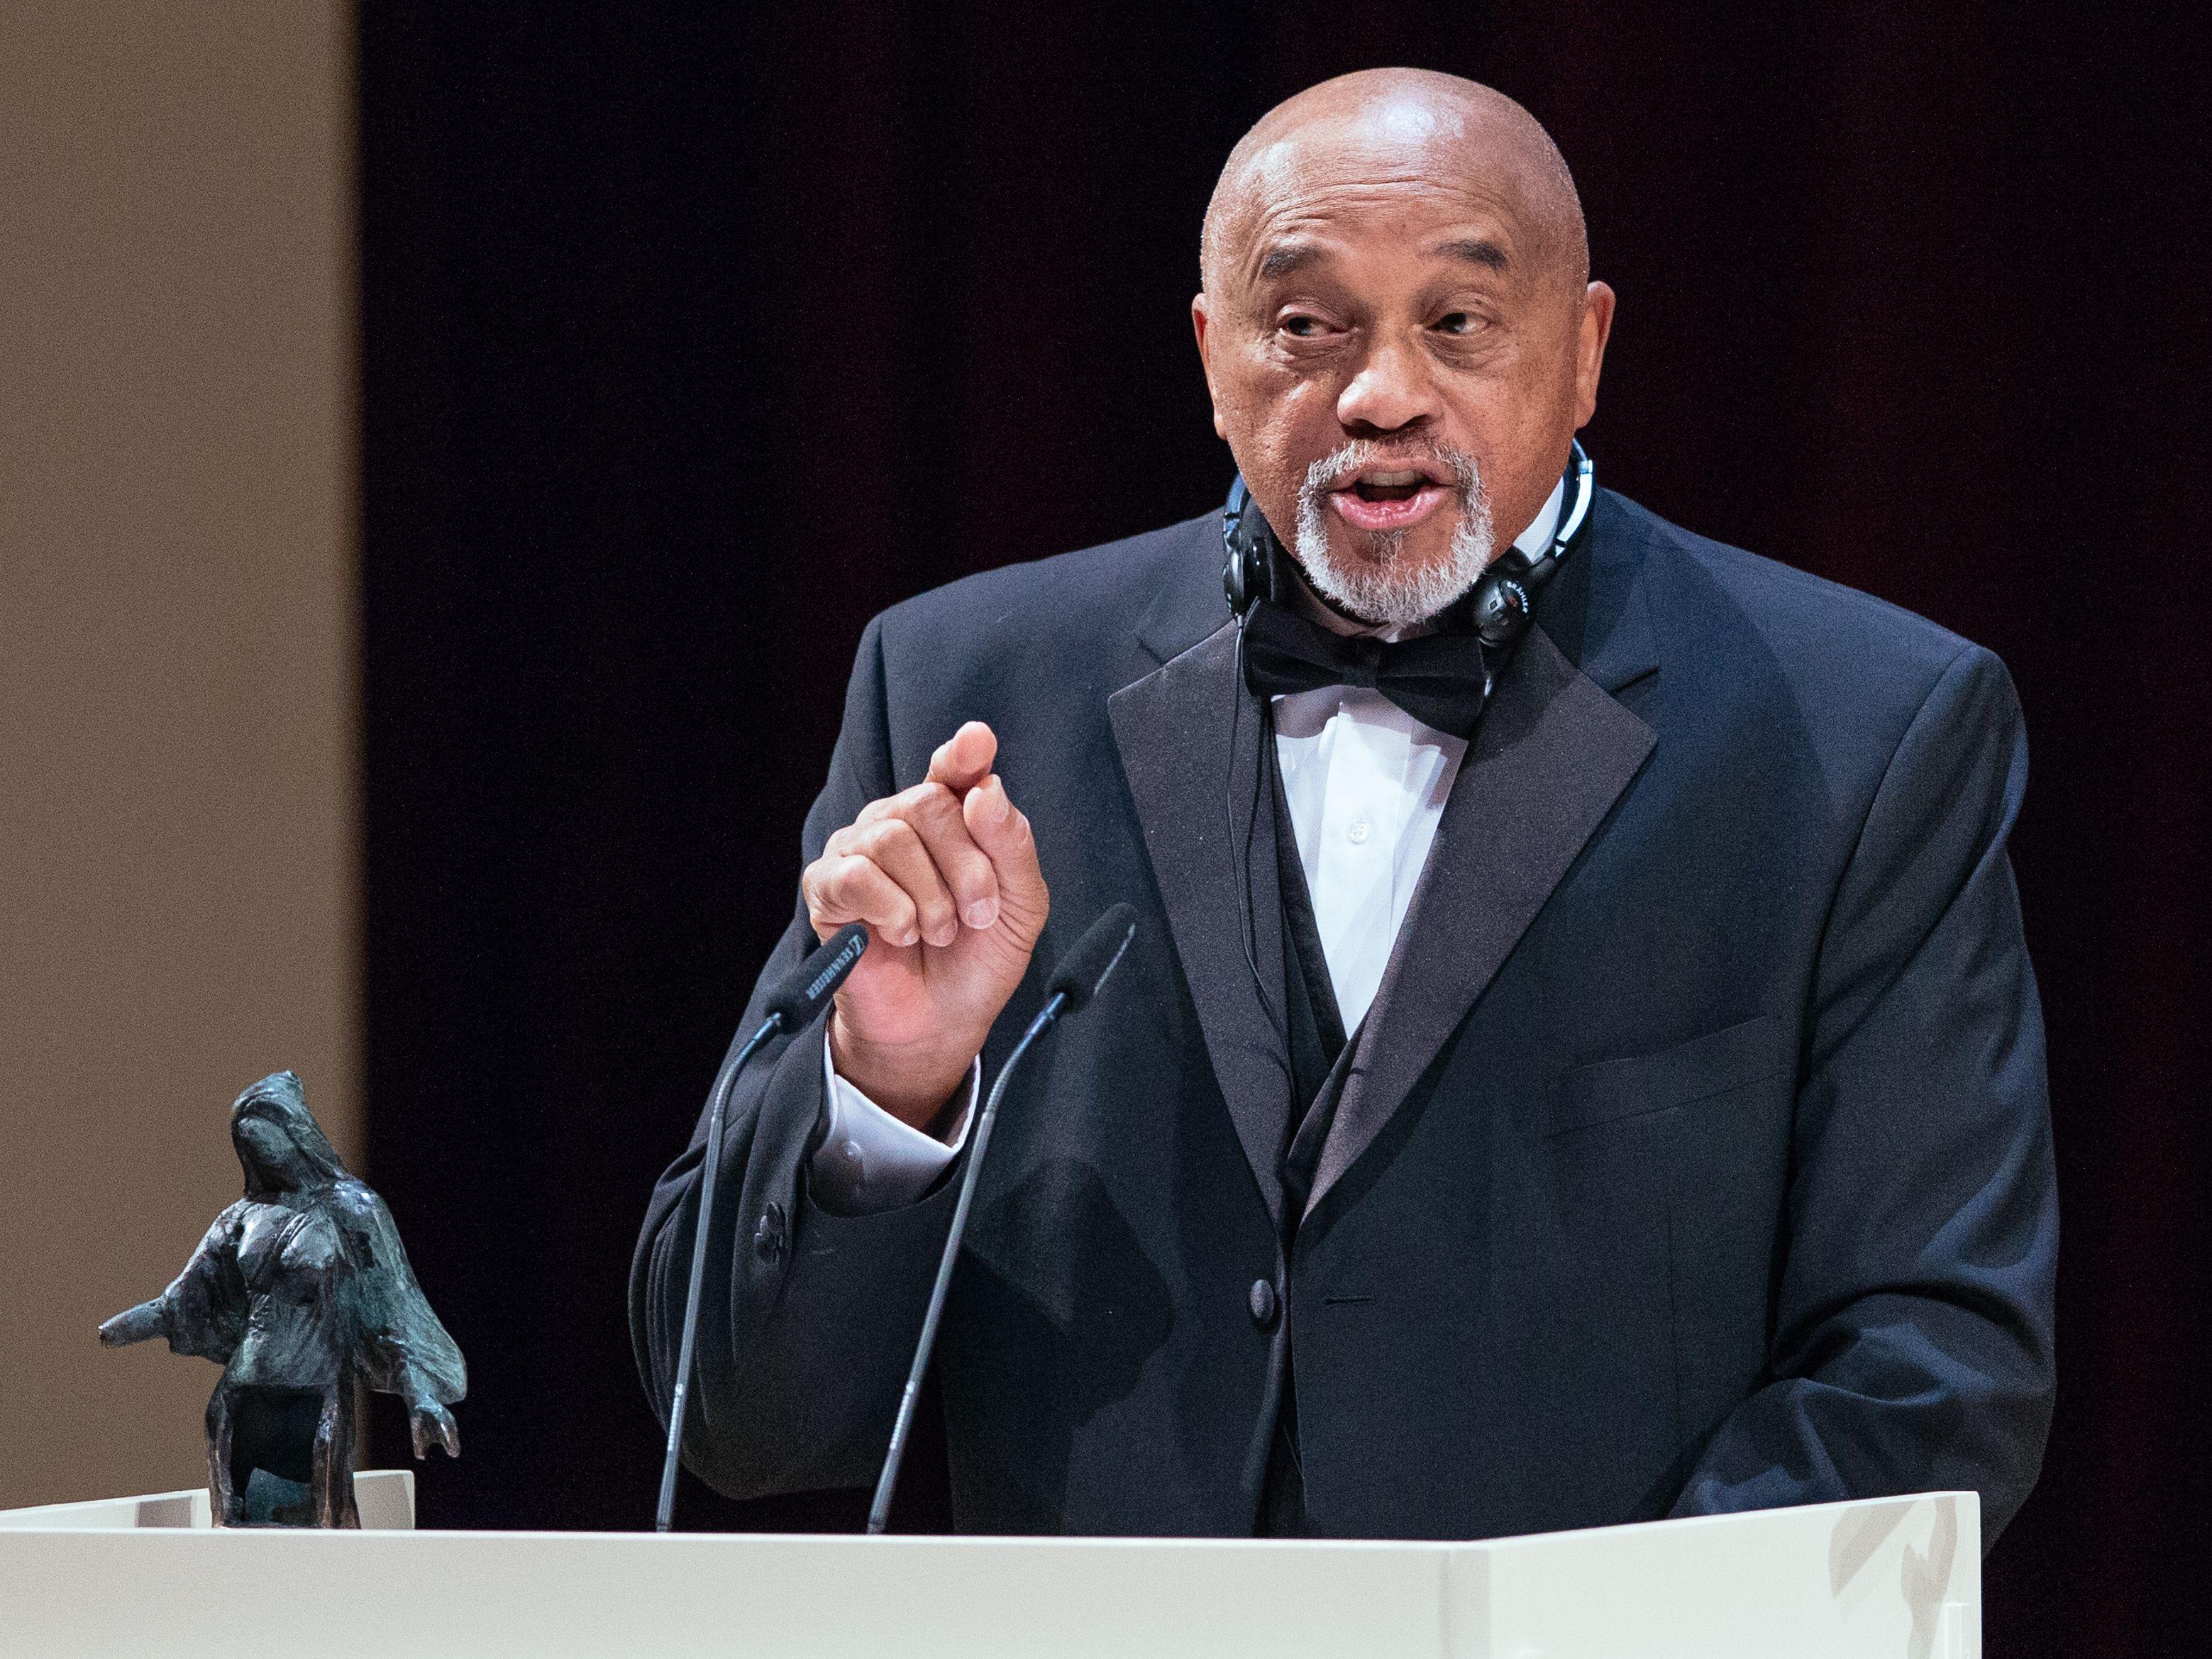 Ausgezeichnet unter anderem mit dem Dresdner Friedenspreis: Tommie Smith, der am 6. Juni seinen 75. Geburtstag feiert.